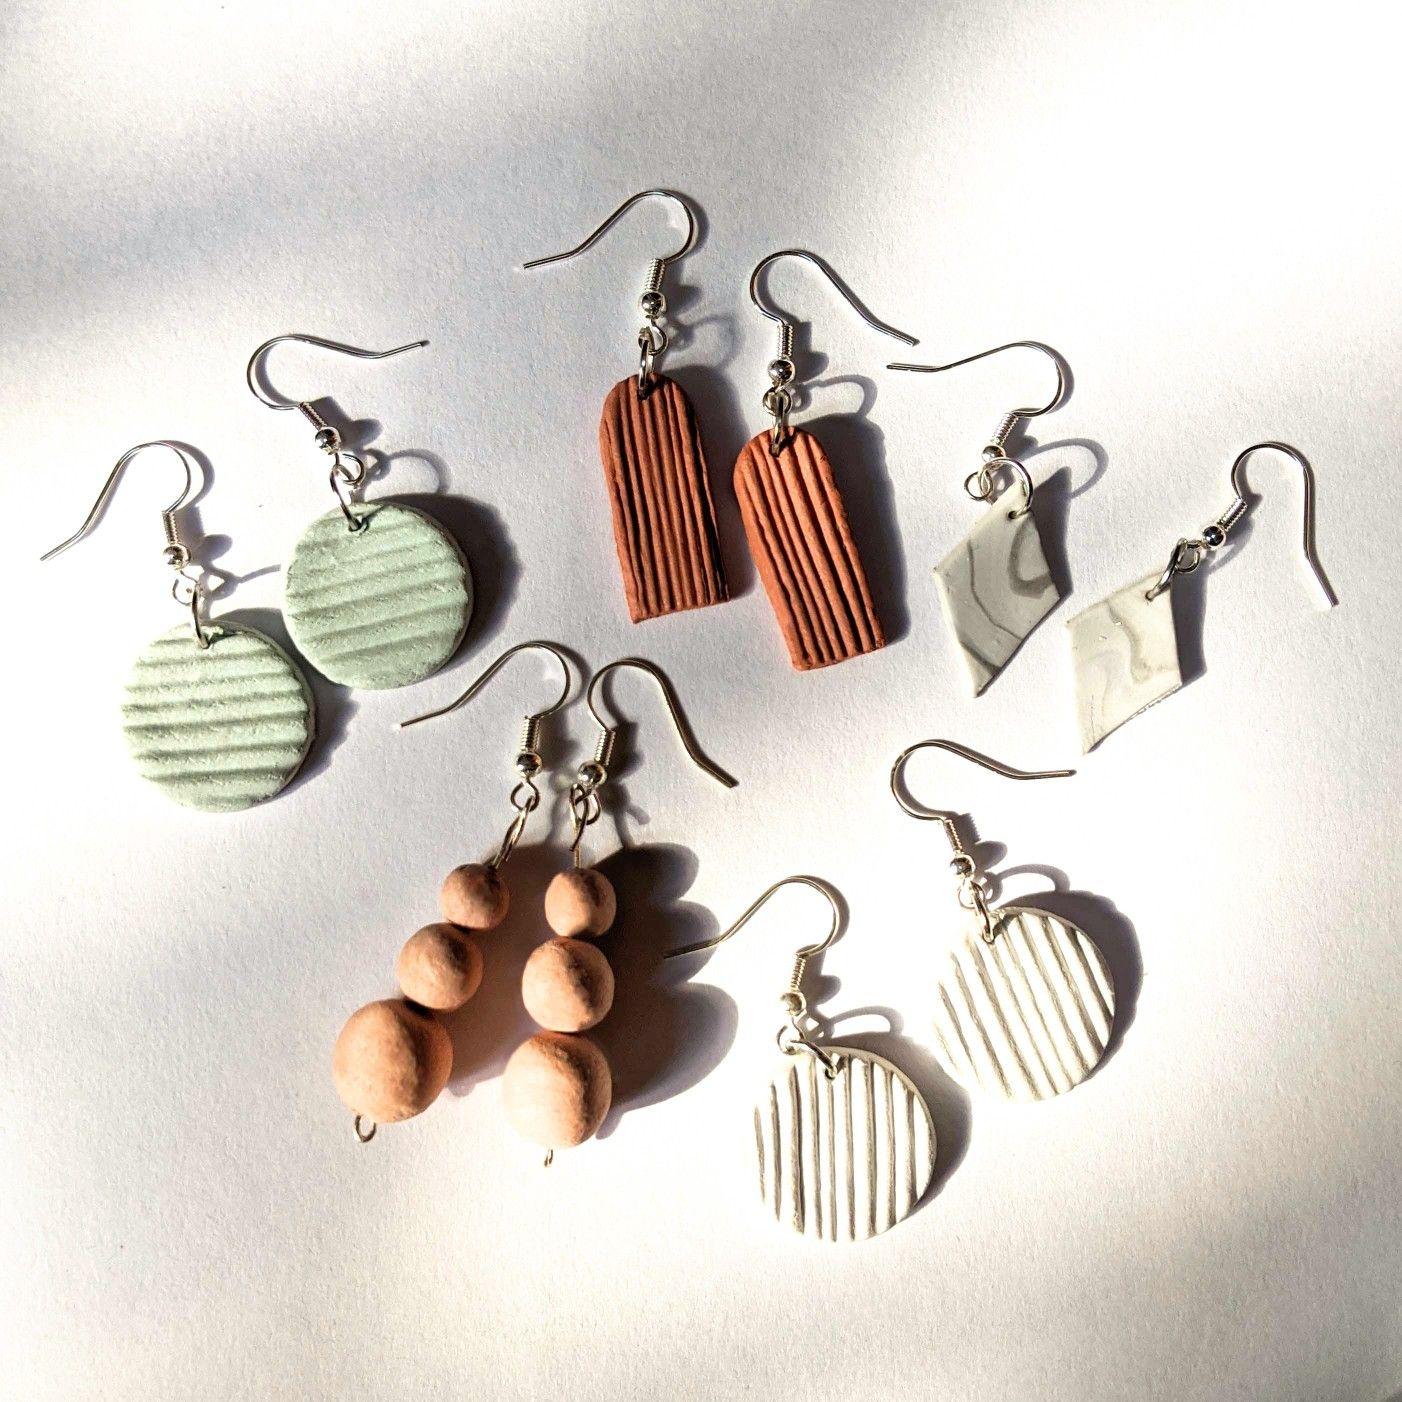 Air Dry Clay Earrings Diy Clay Earrings Polymer Clay Jewelry Polymer Clay Earrings